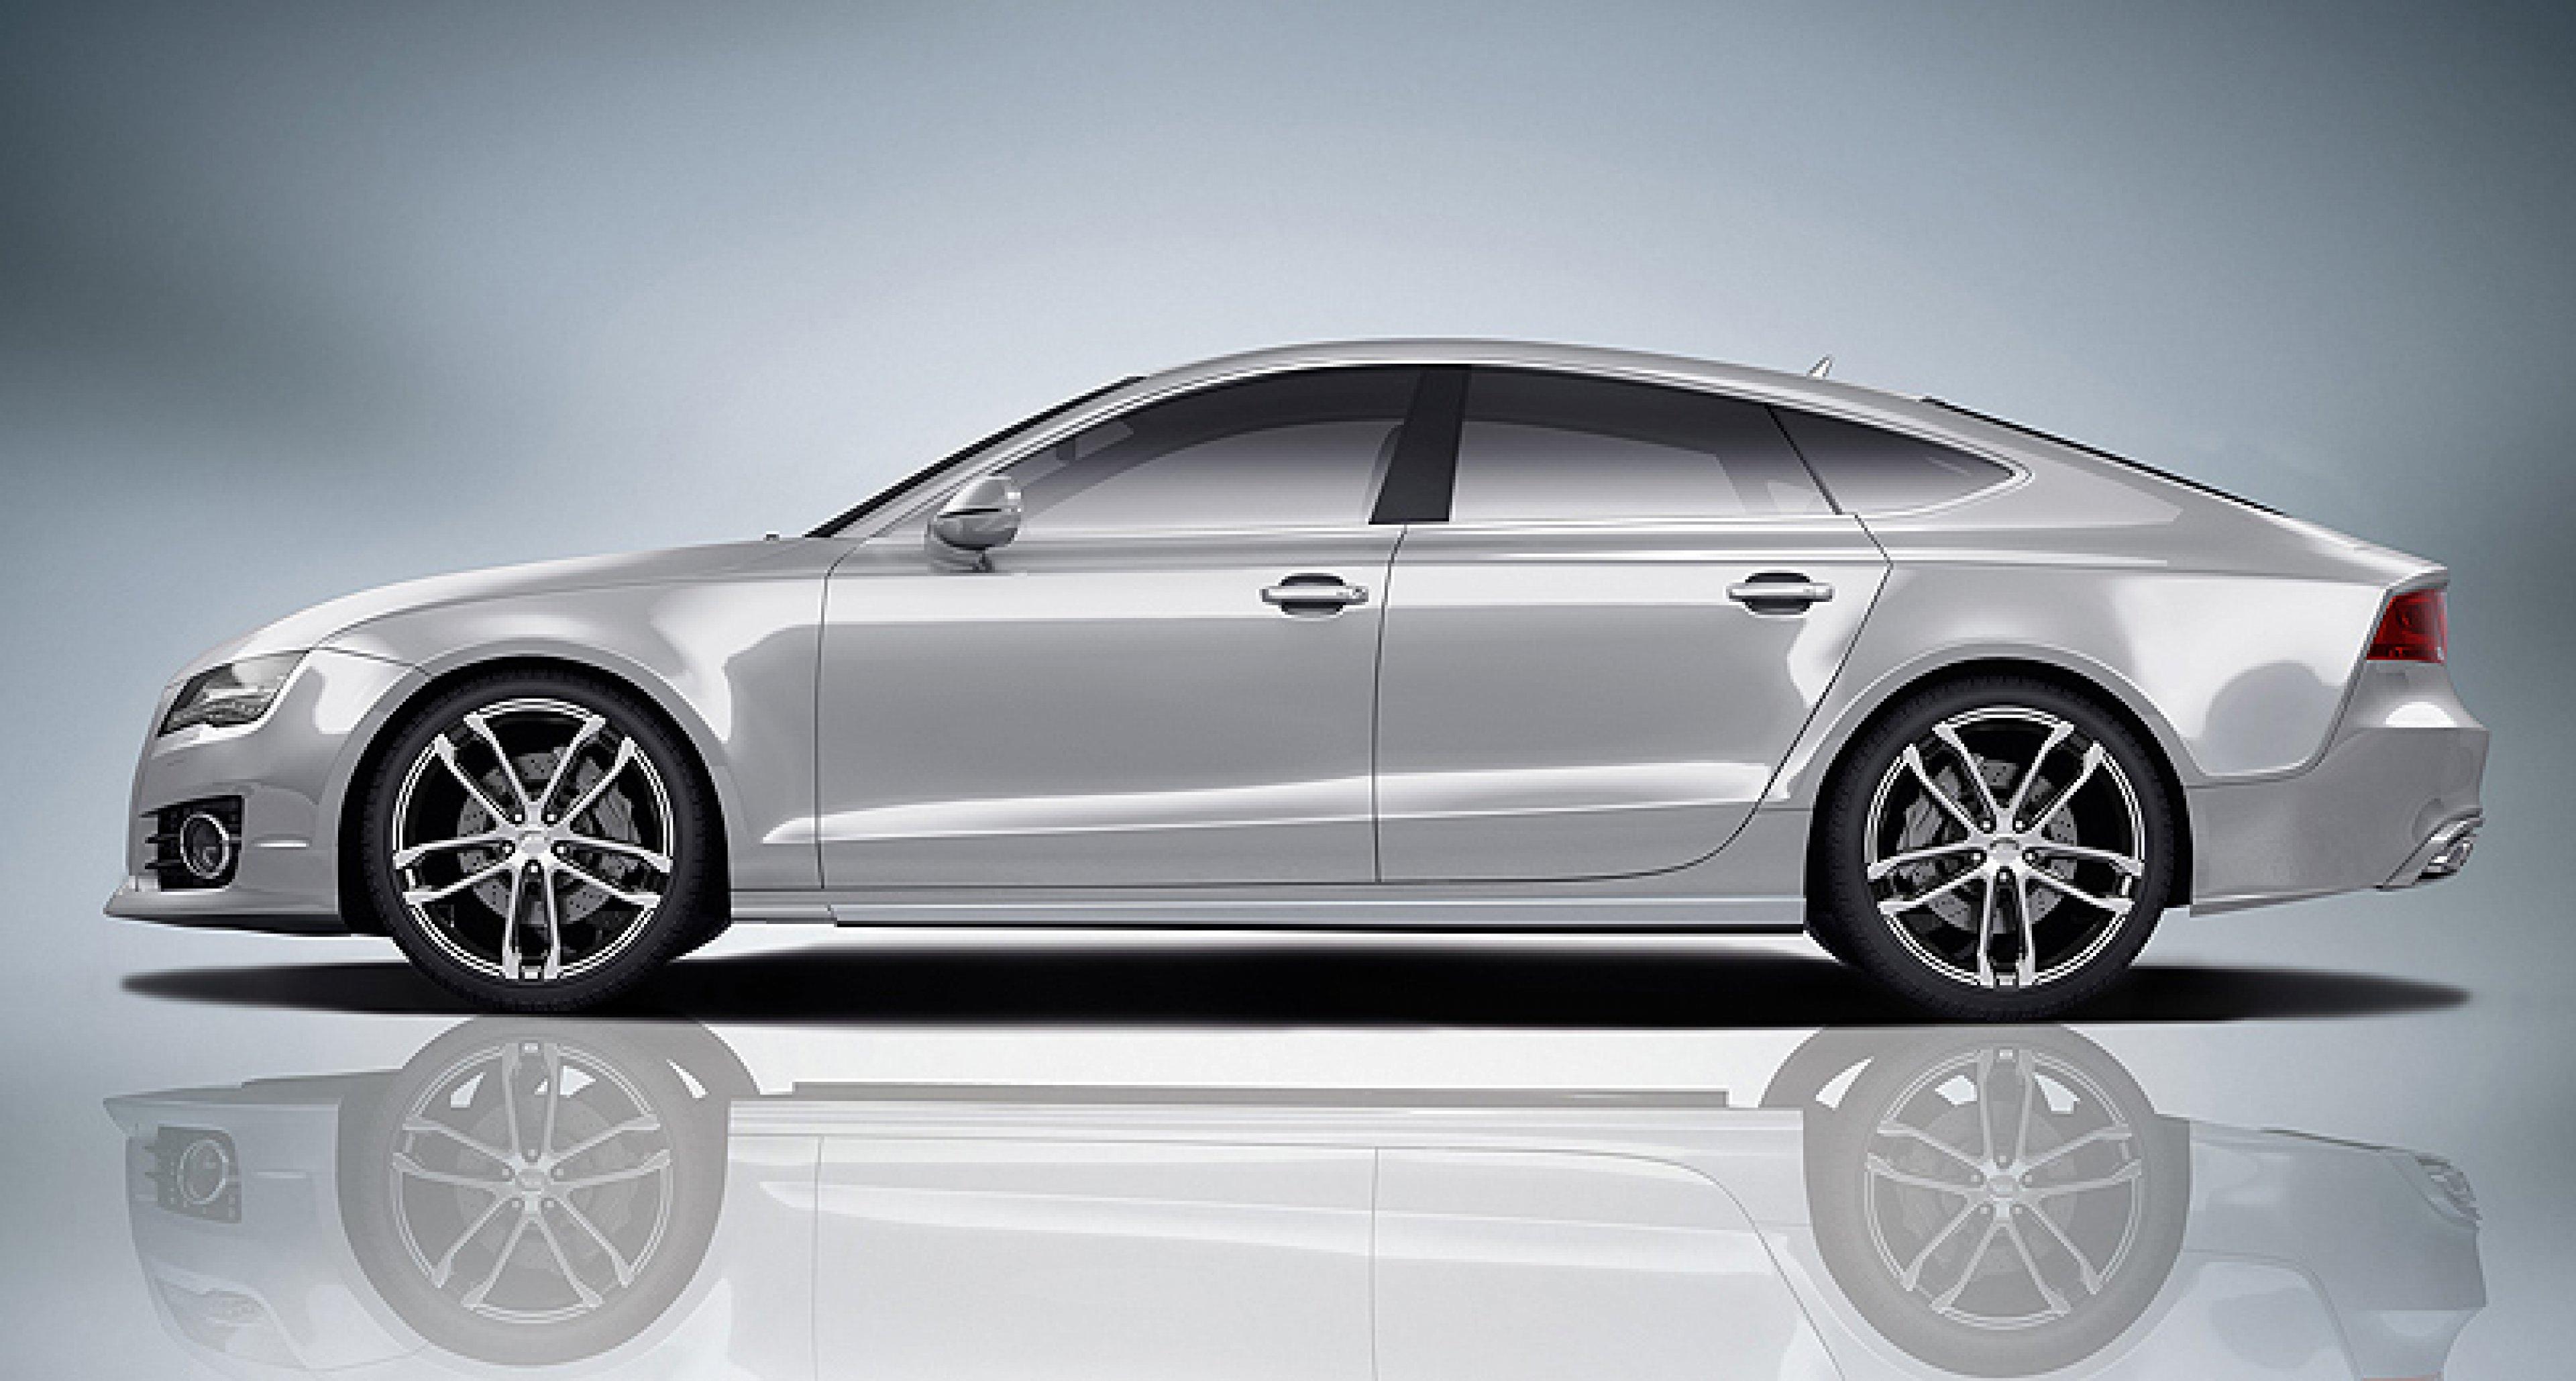 Audi A7 von Abt: Dezentes Make-Up